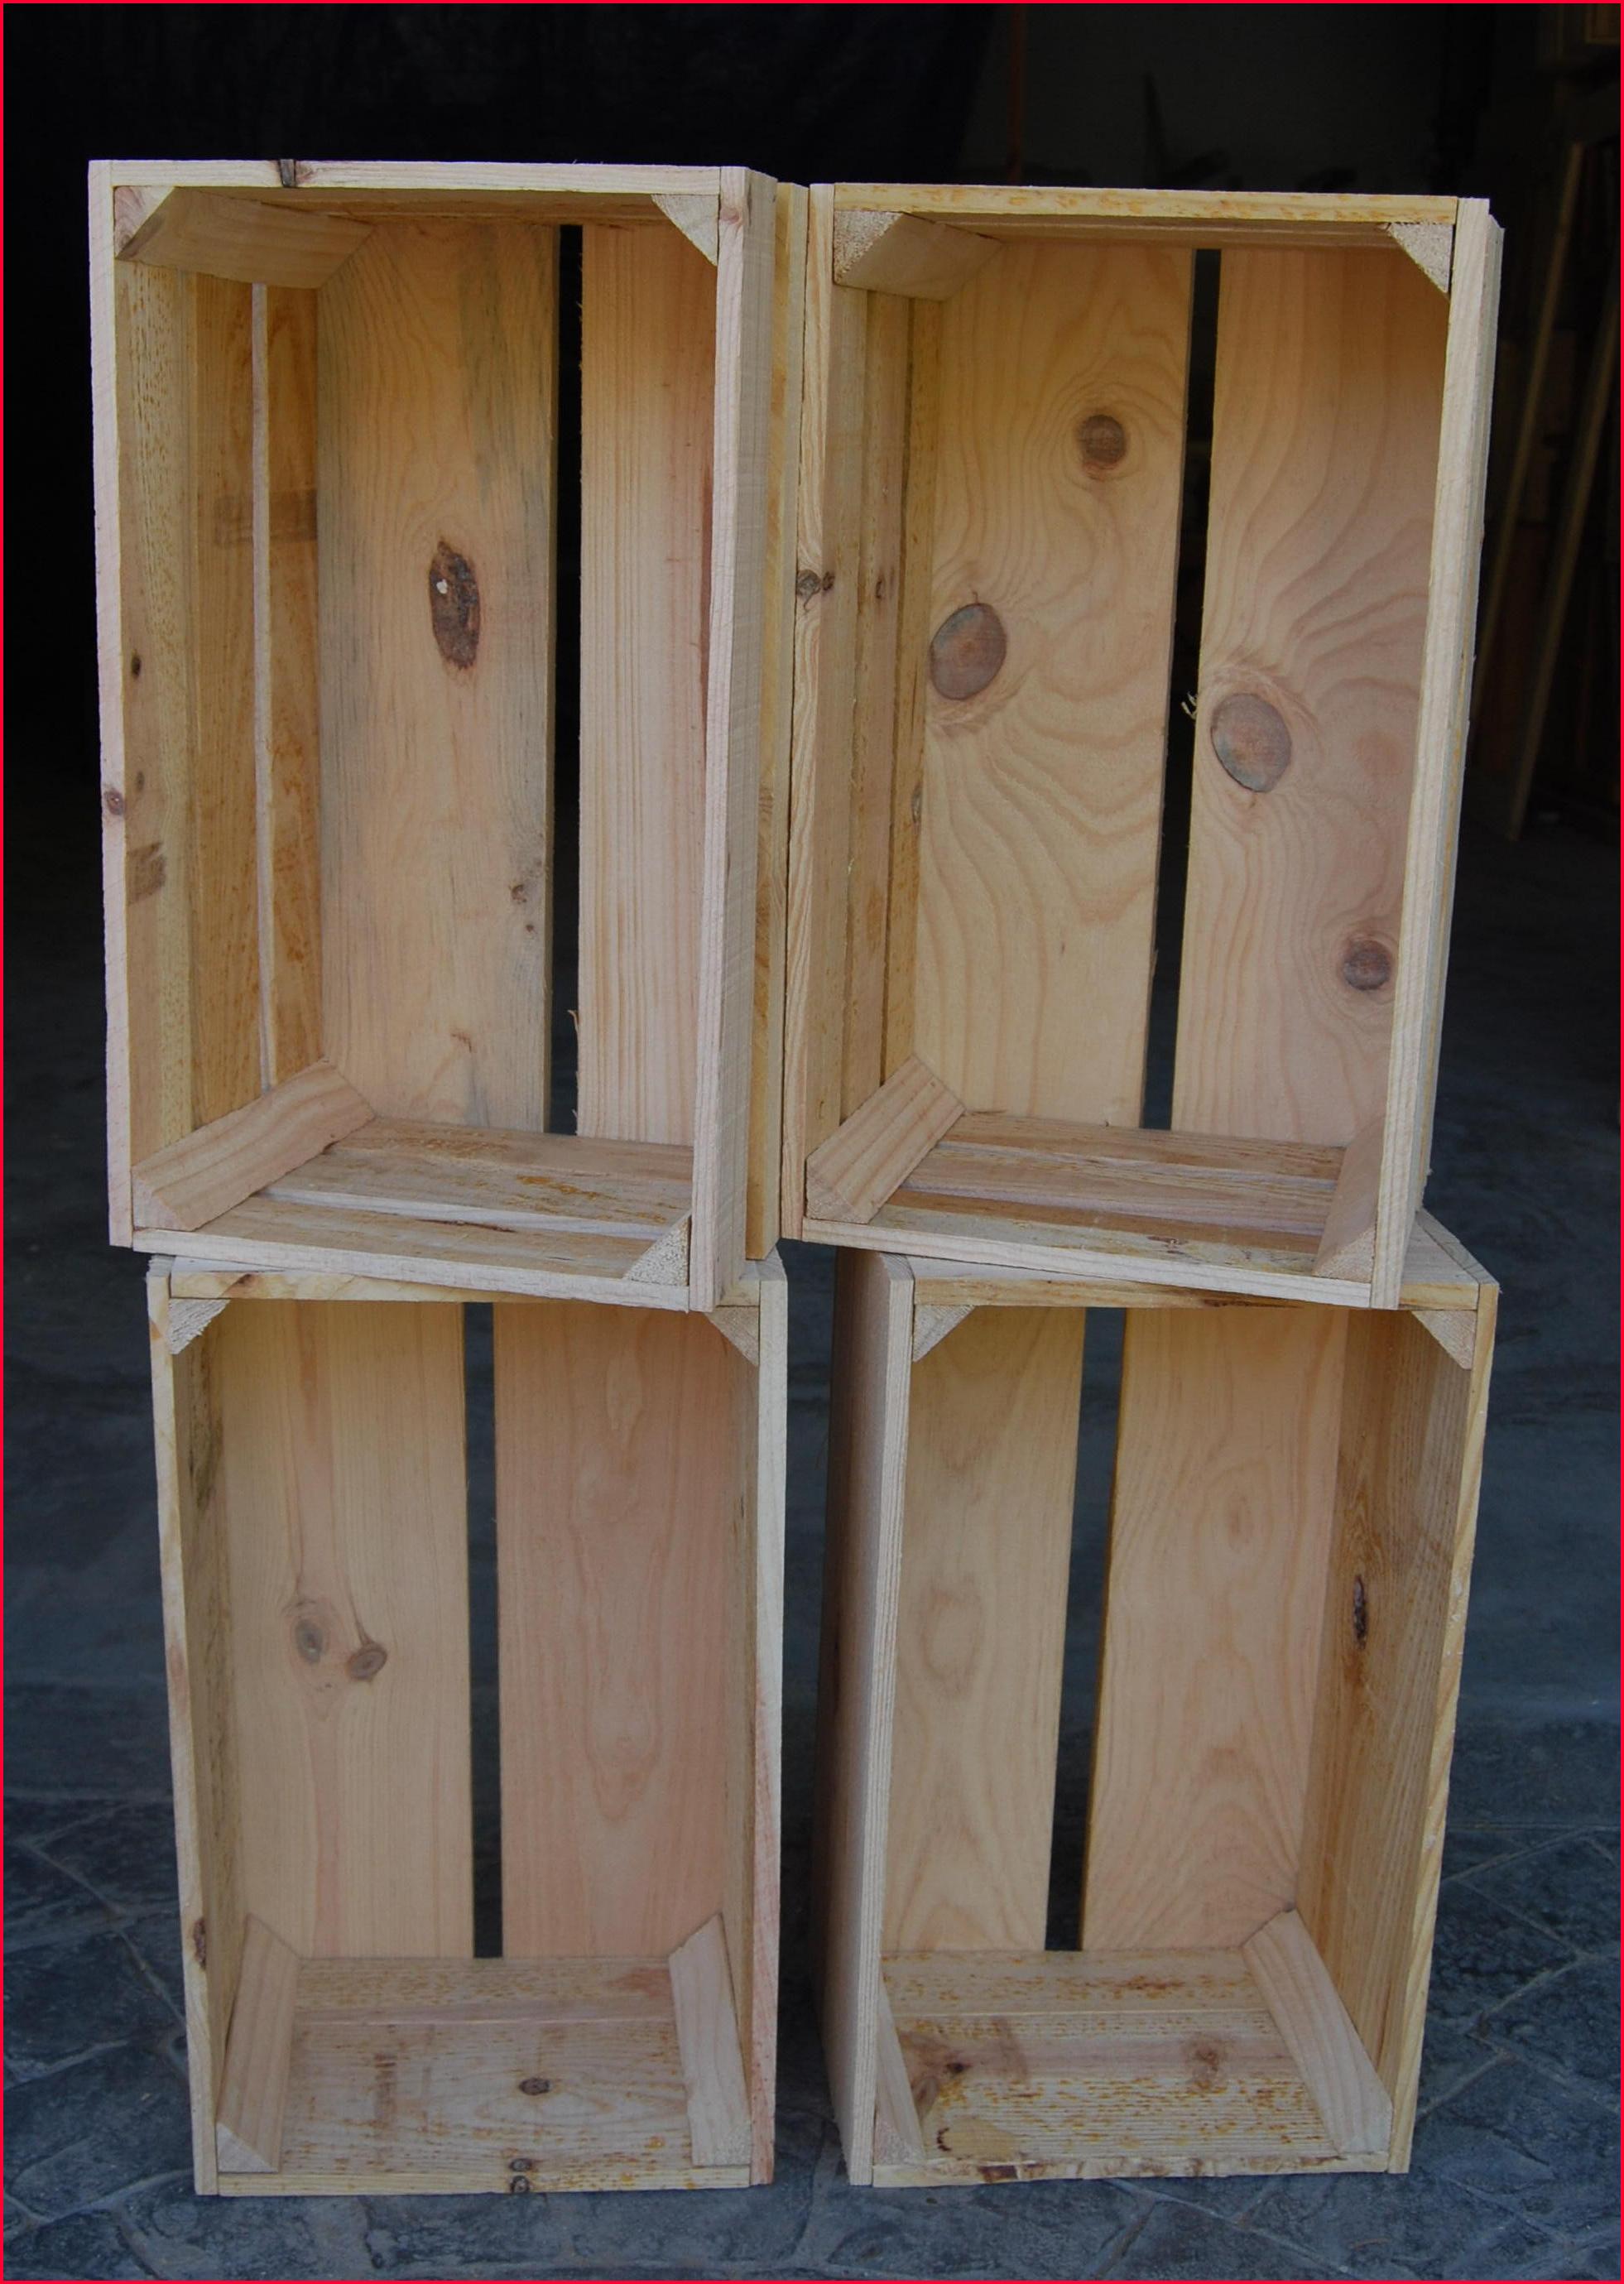 Muebles Rusticos Baratos Segunda Mano Tldn Muebles Rusticos Segunda Mano Muebles Rusticos Baratos En